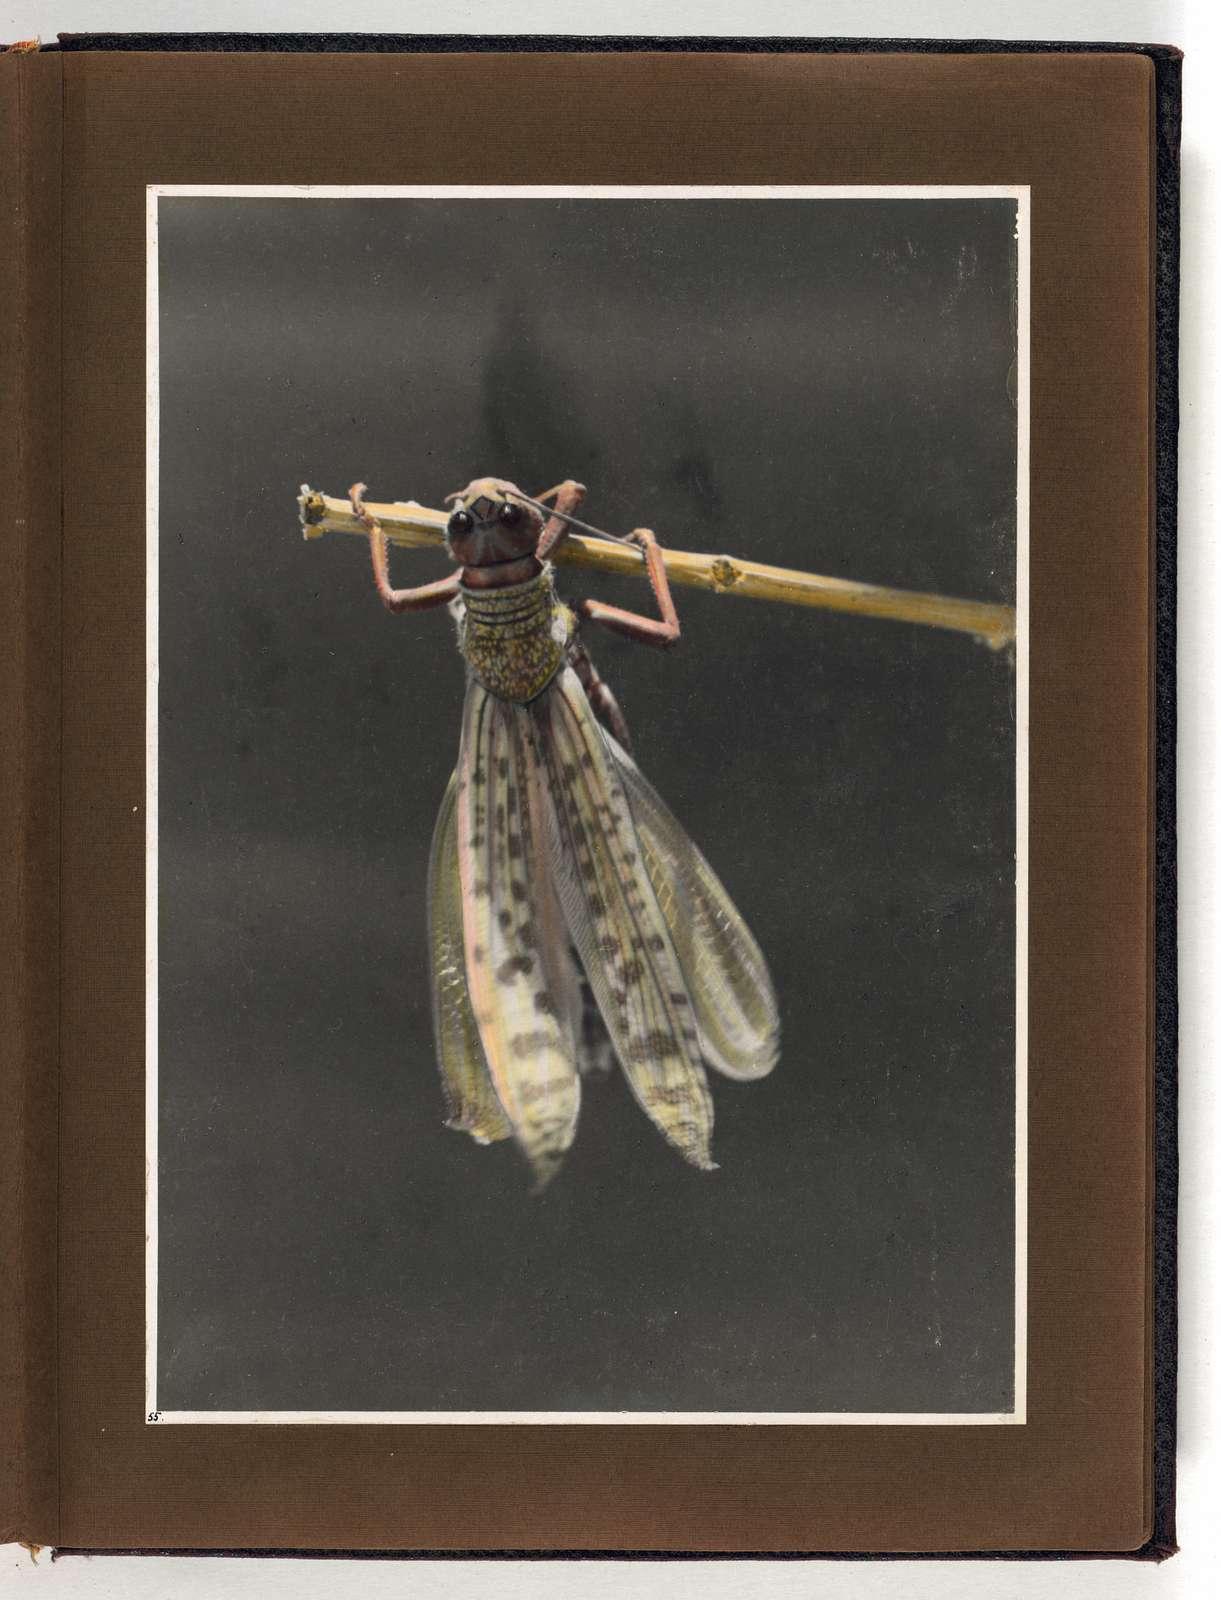 Photograph album, Locust plague of 1915